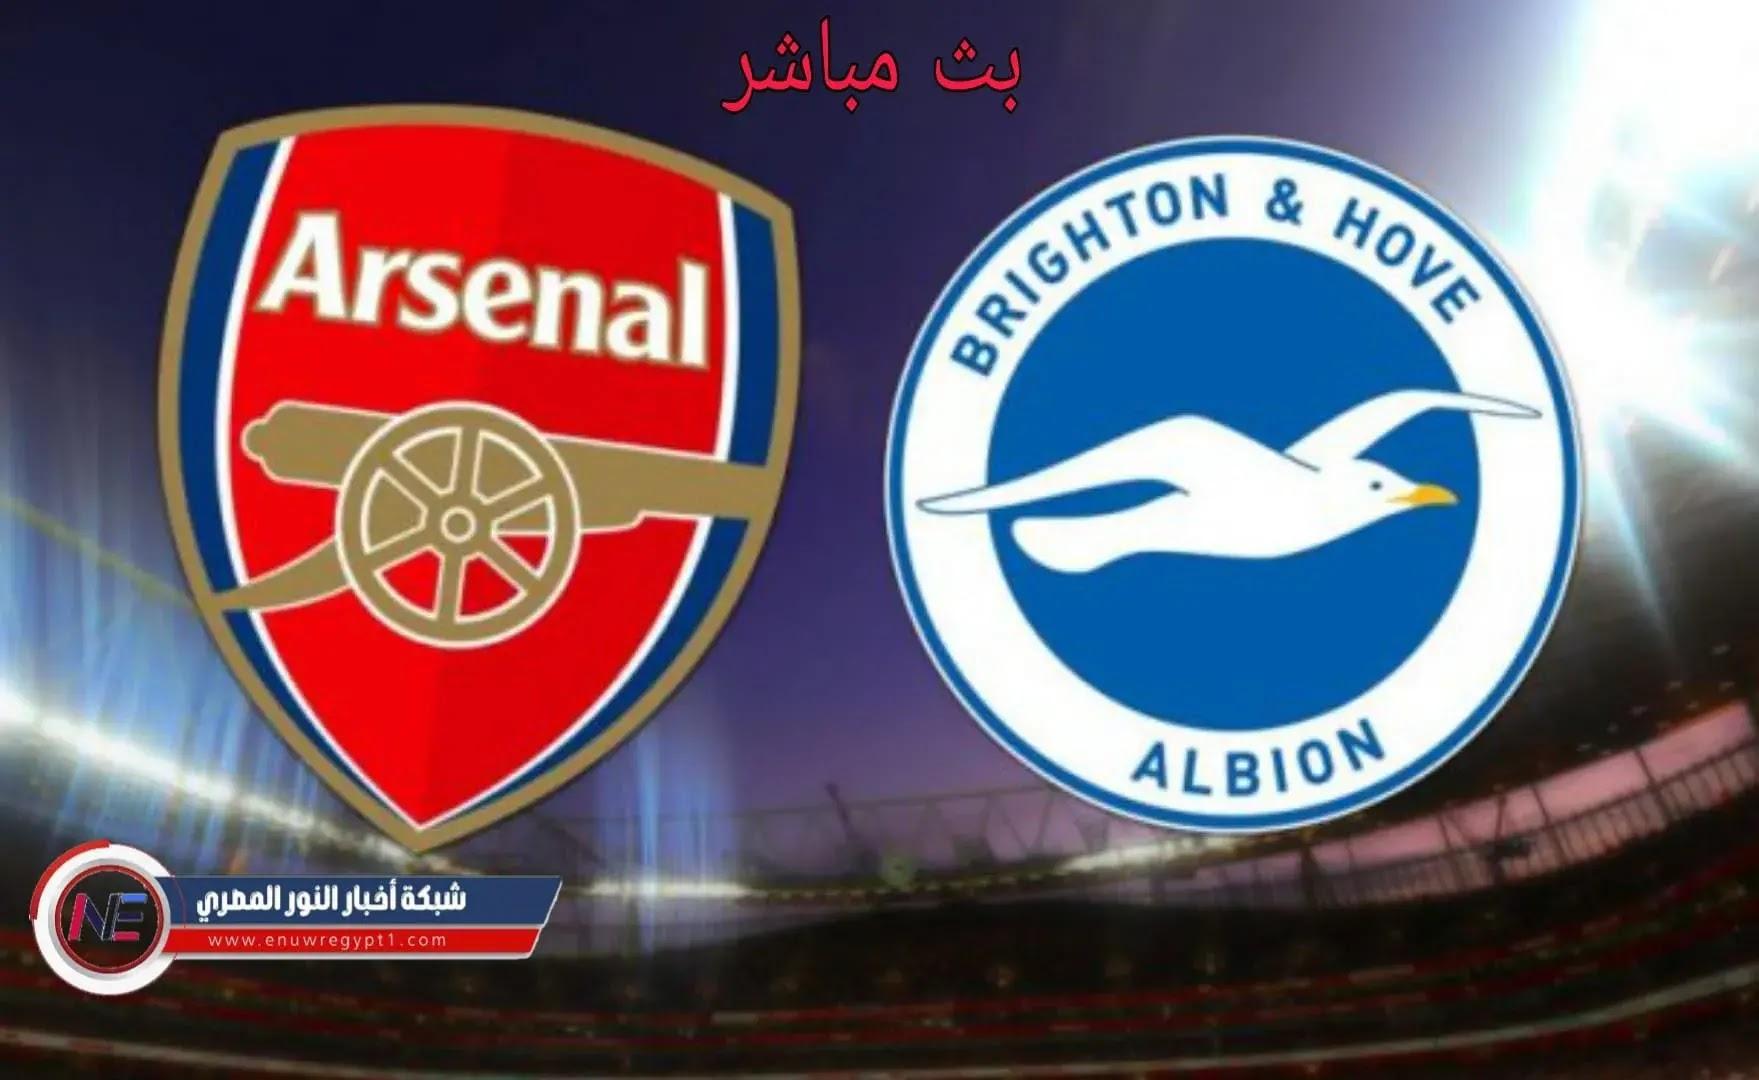 كورة ستار HD يوتيوب.. مشاهدة مباراة آرسنال و برايتون بث مباشر اليوم 02-10-2021 في الدوري الانجليزي